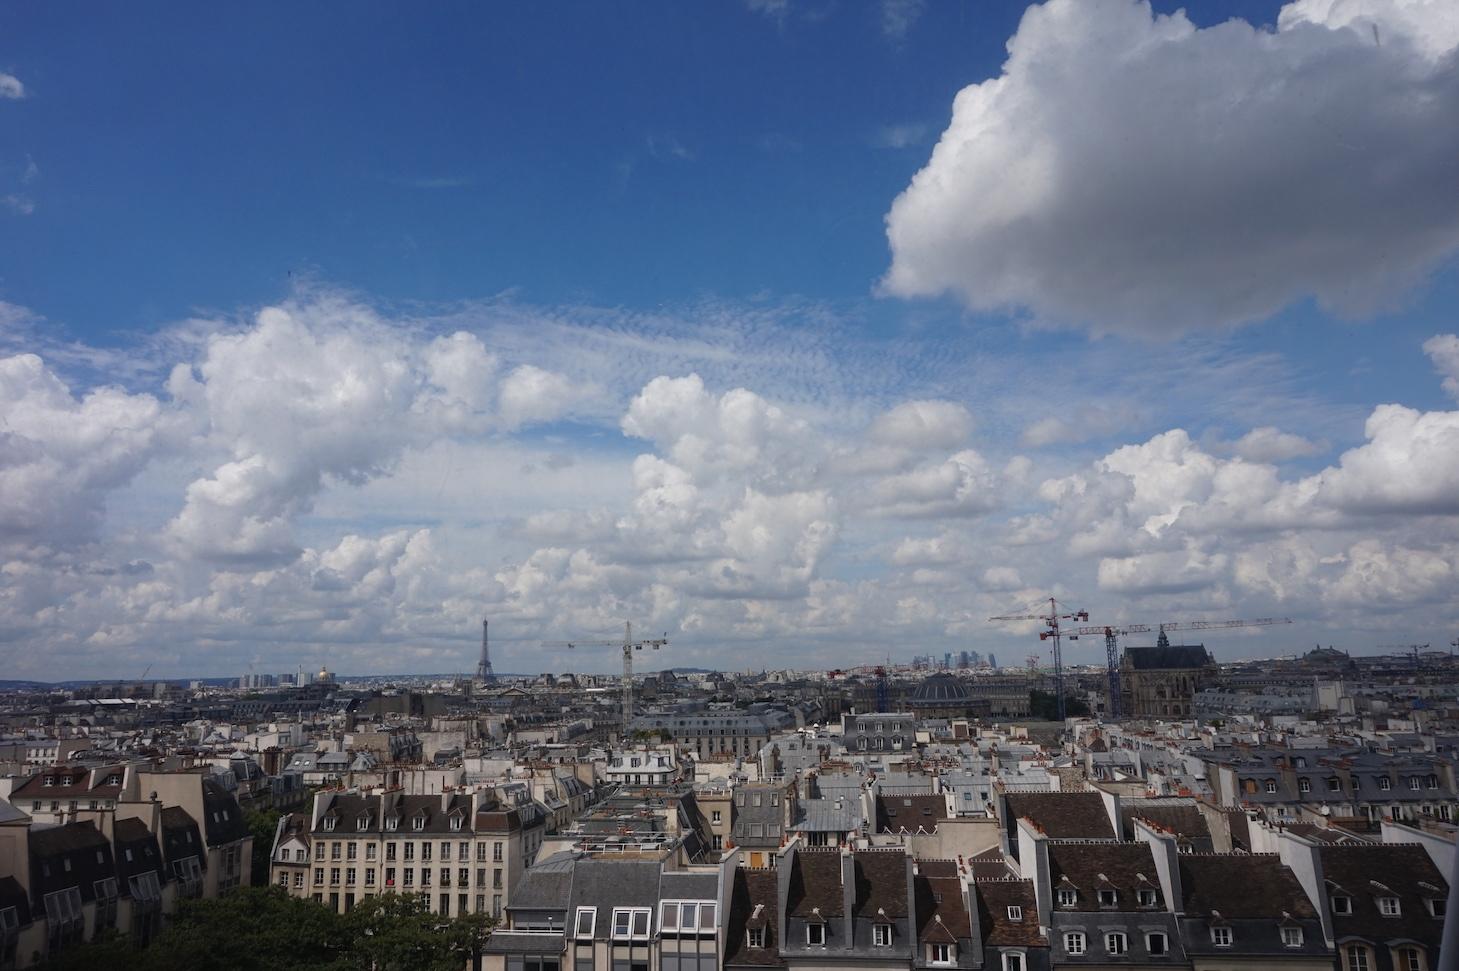 ポンピドゥー・センターからの眺め 撮影:Yoshiko